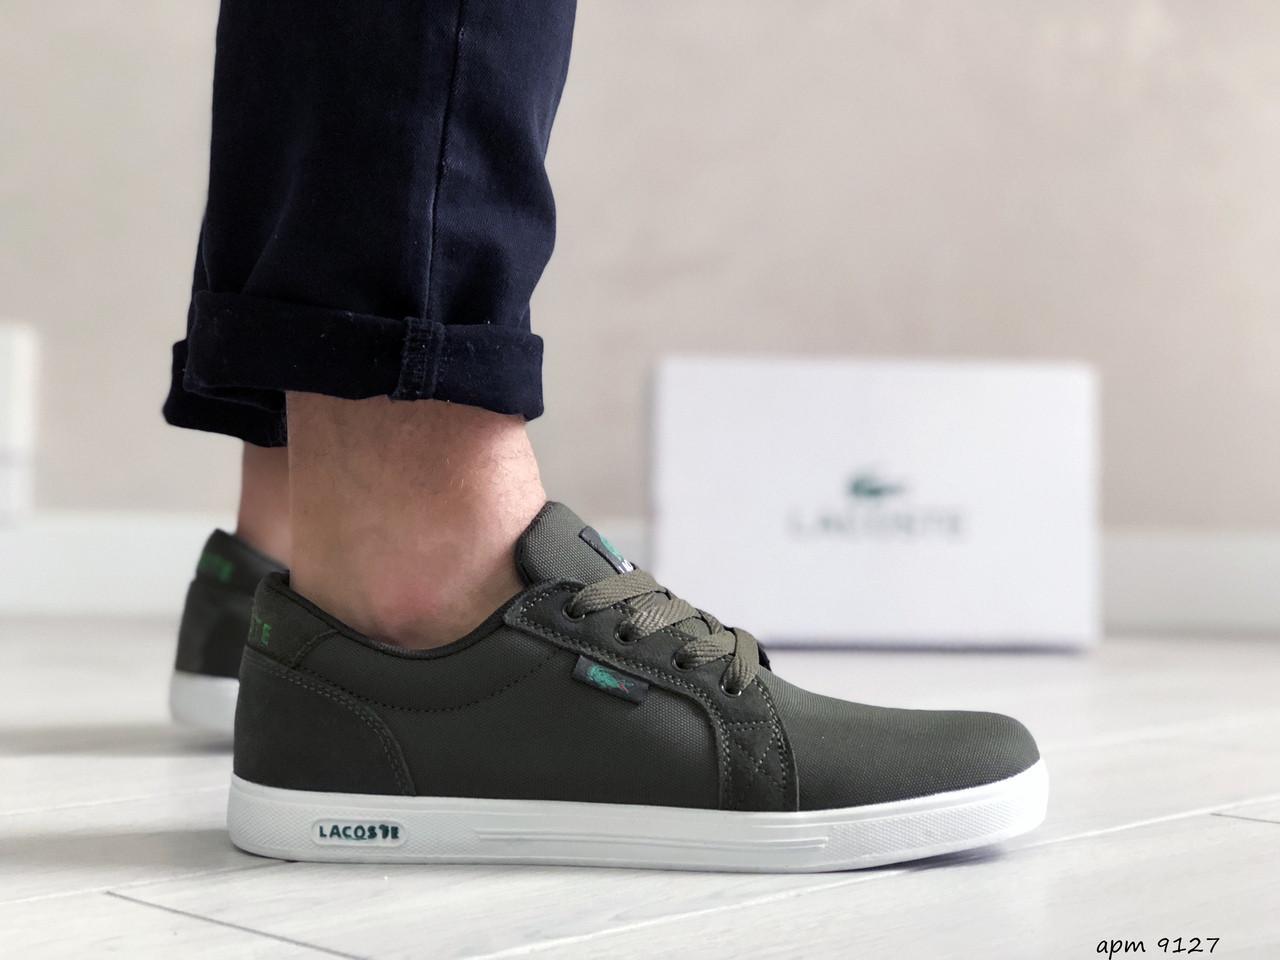 Чоловічі кросівки Lacoste (темно-зелені) 9127